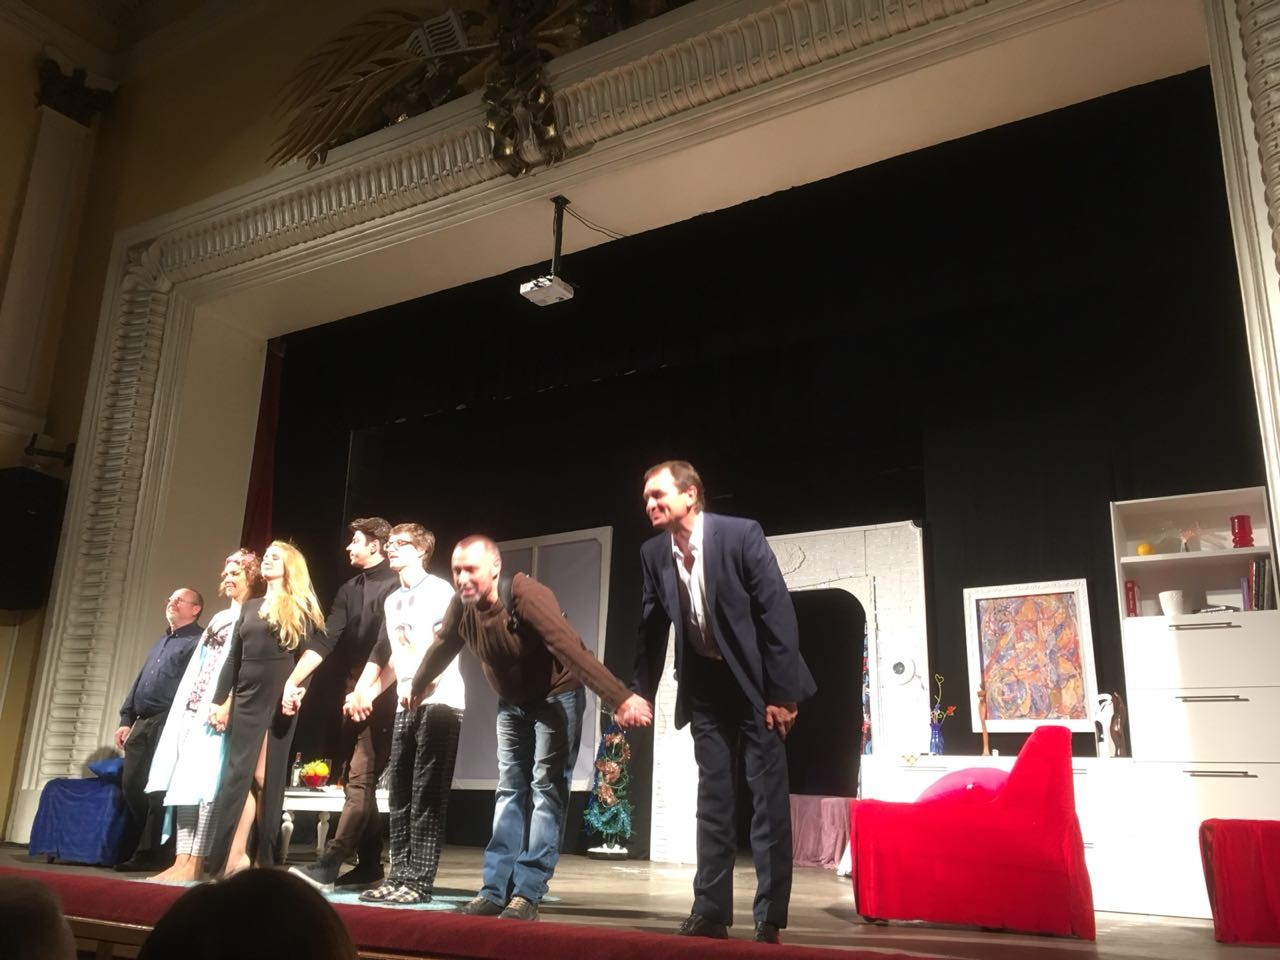 Премьерные показы «Снегопада для Киры» проходят в ДК «Энергия» в сентябре. Ранее пьесу уже ставили на сцене Севастополя